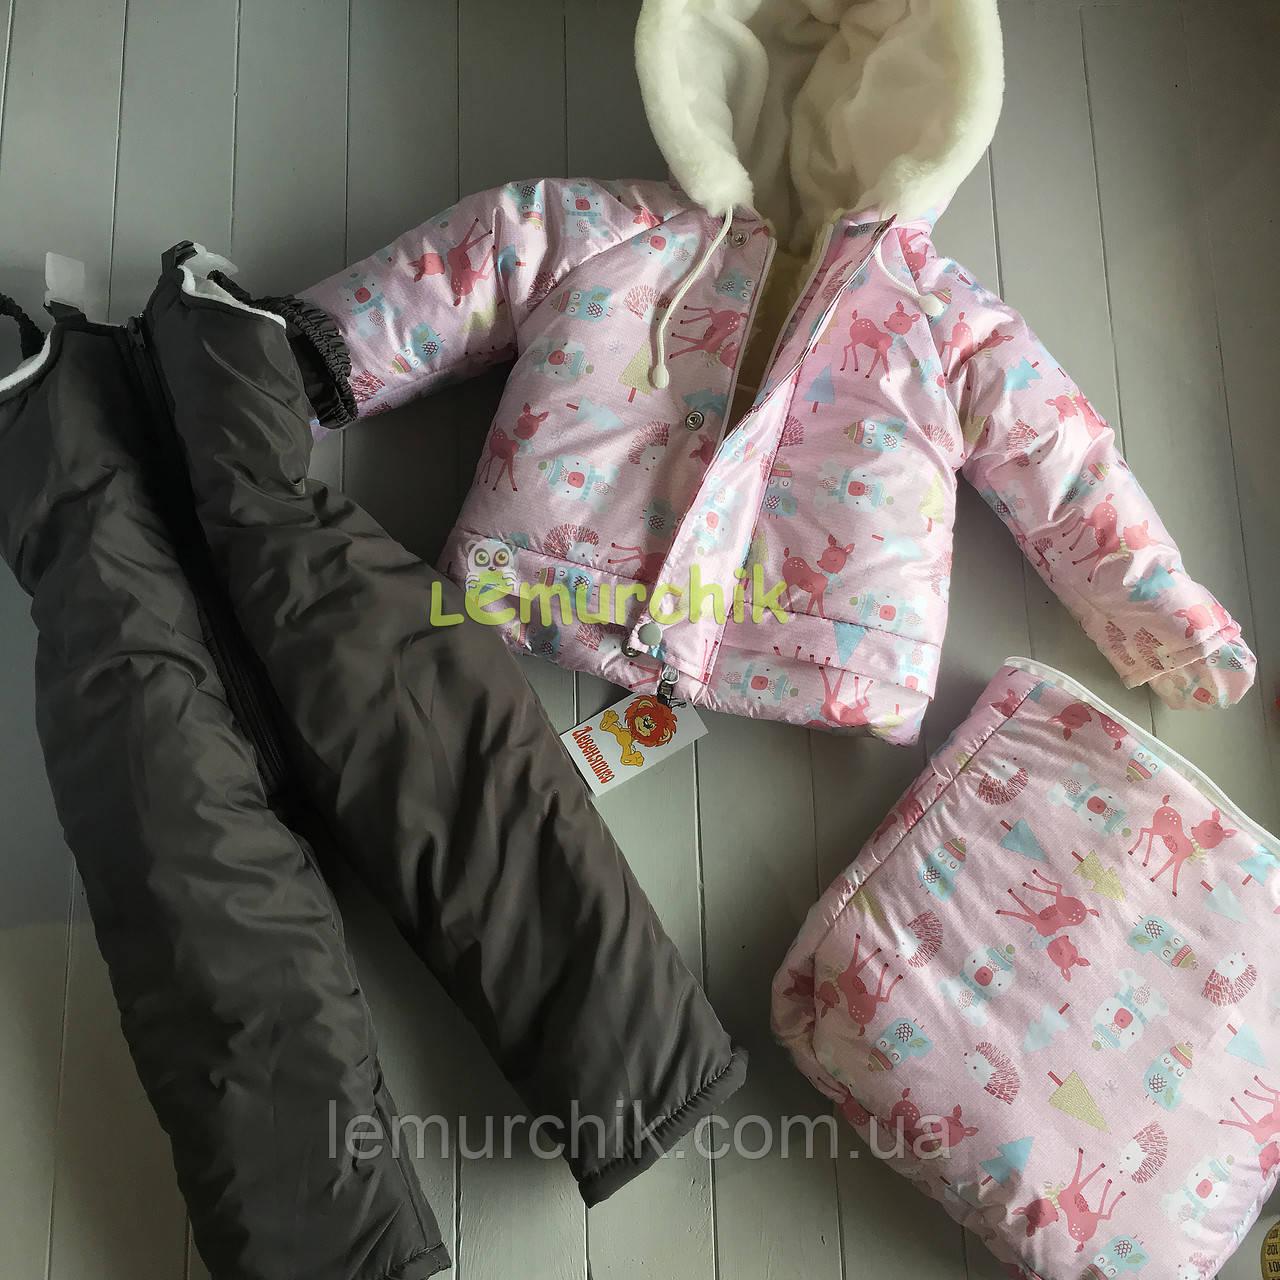 Дитячий зимовий комбінезон-трансформер (куртка+штани комбінезон+мішечок), рожевий з малюнком